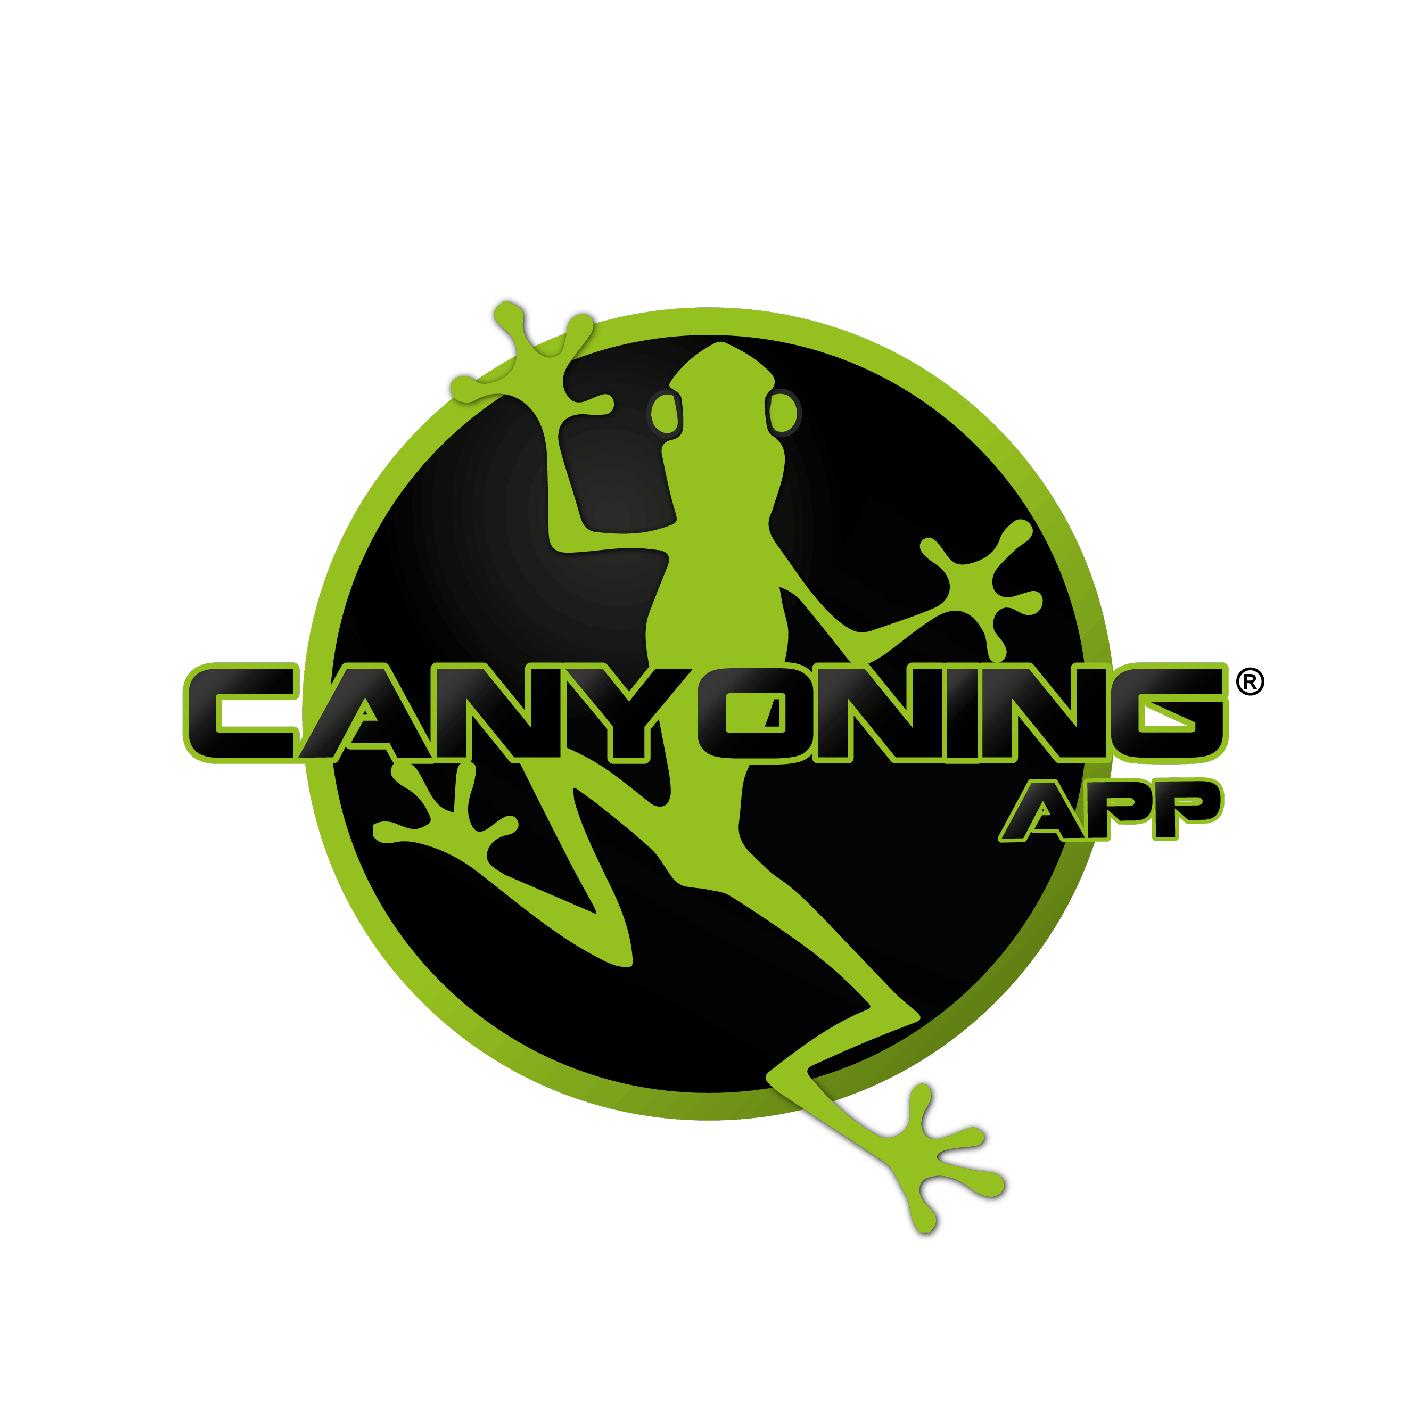 CANYONINGAPP_new